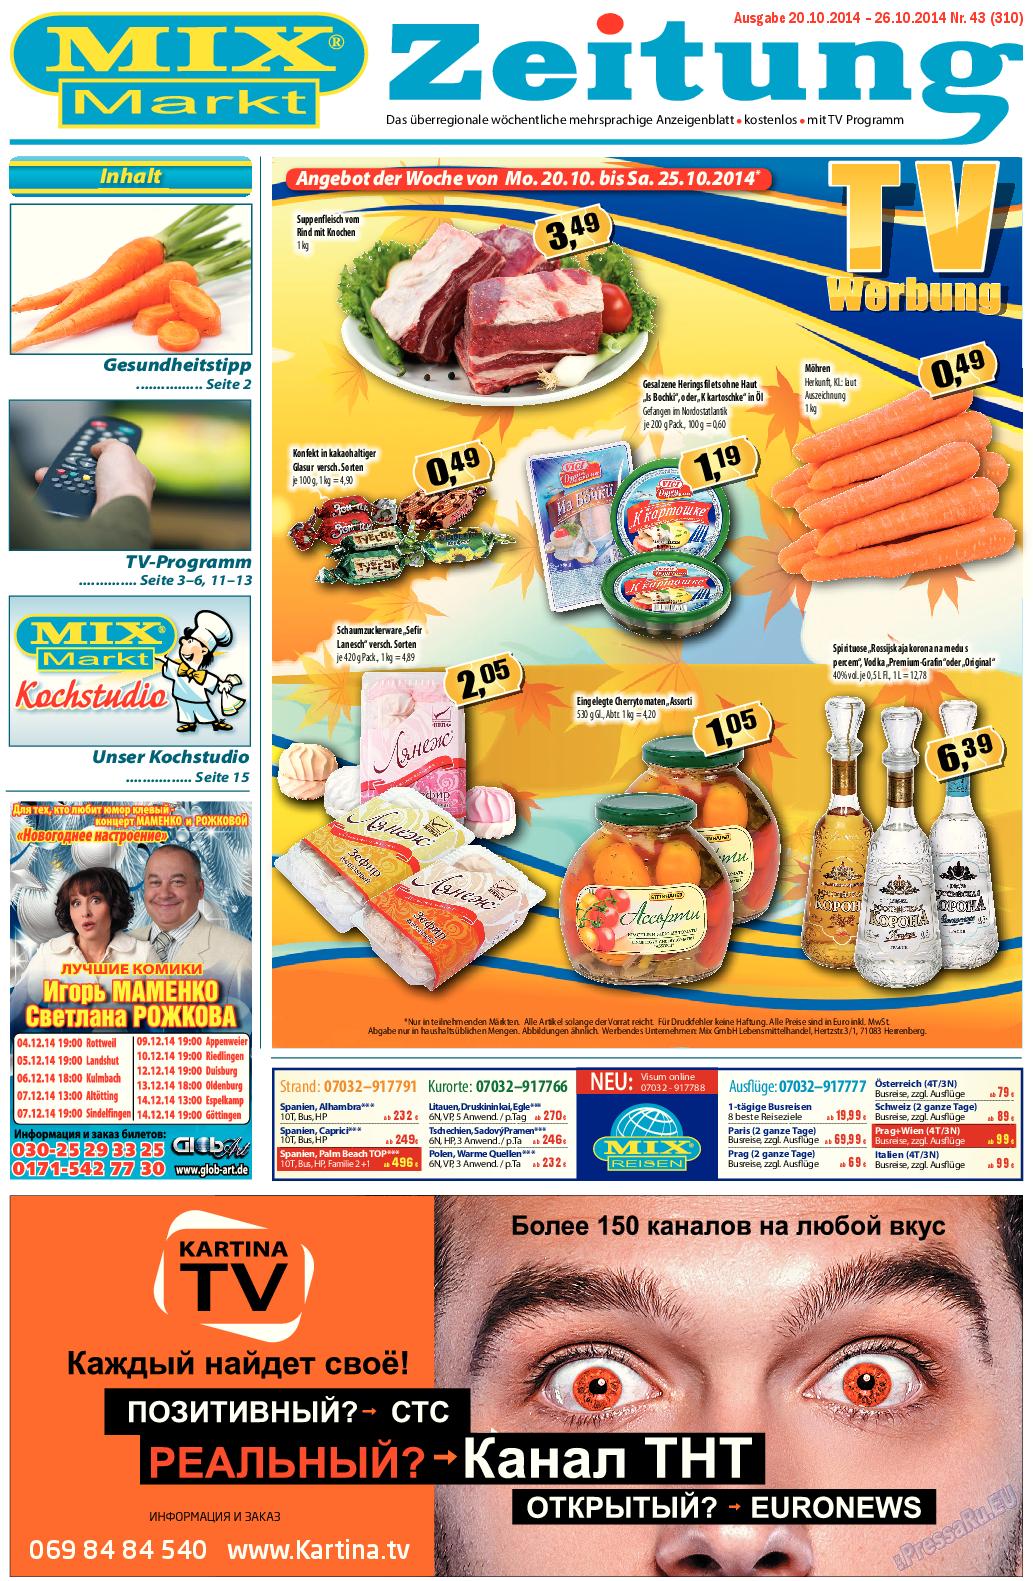 MIX-Markt Zeitung (газета). 2014 год, номер 43, стр. 1